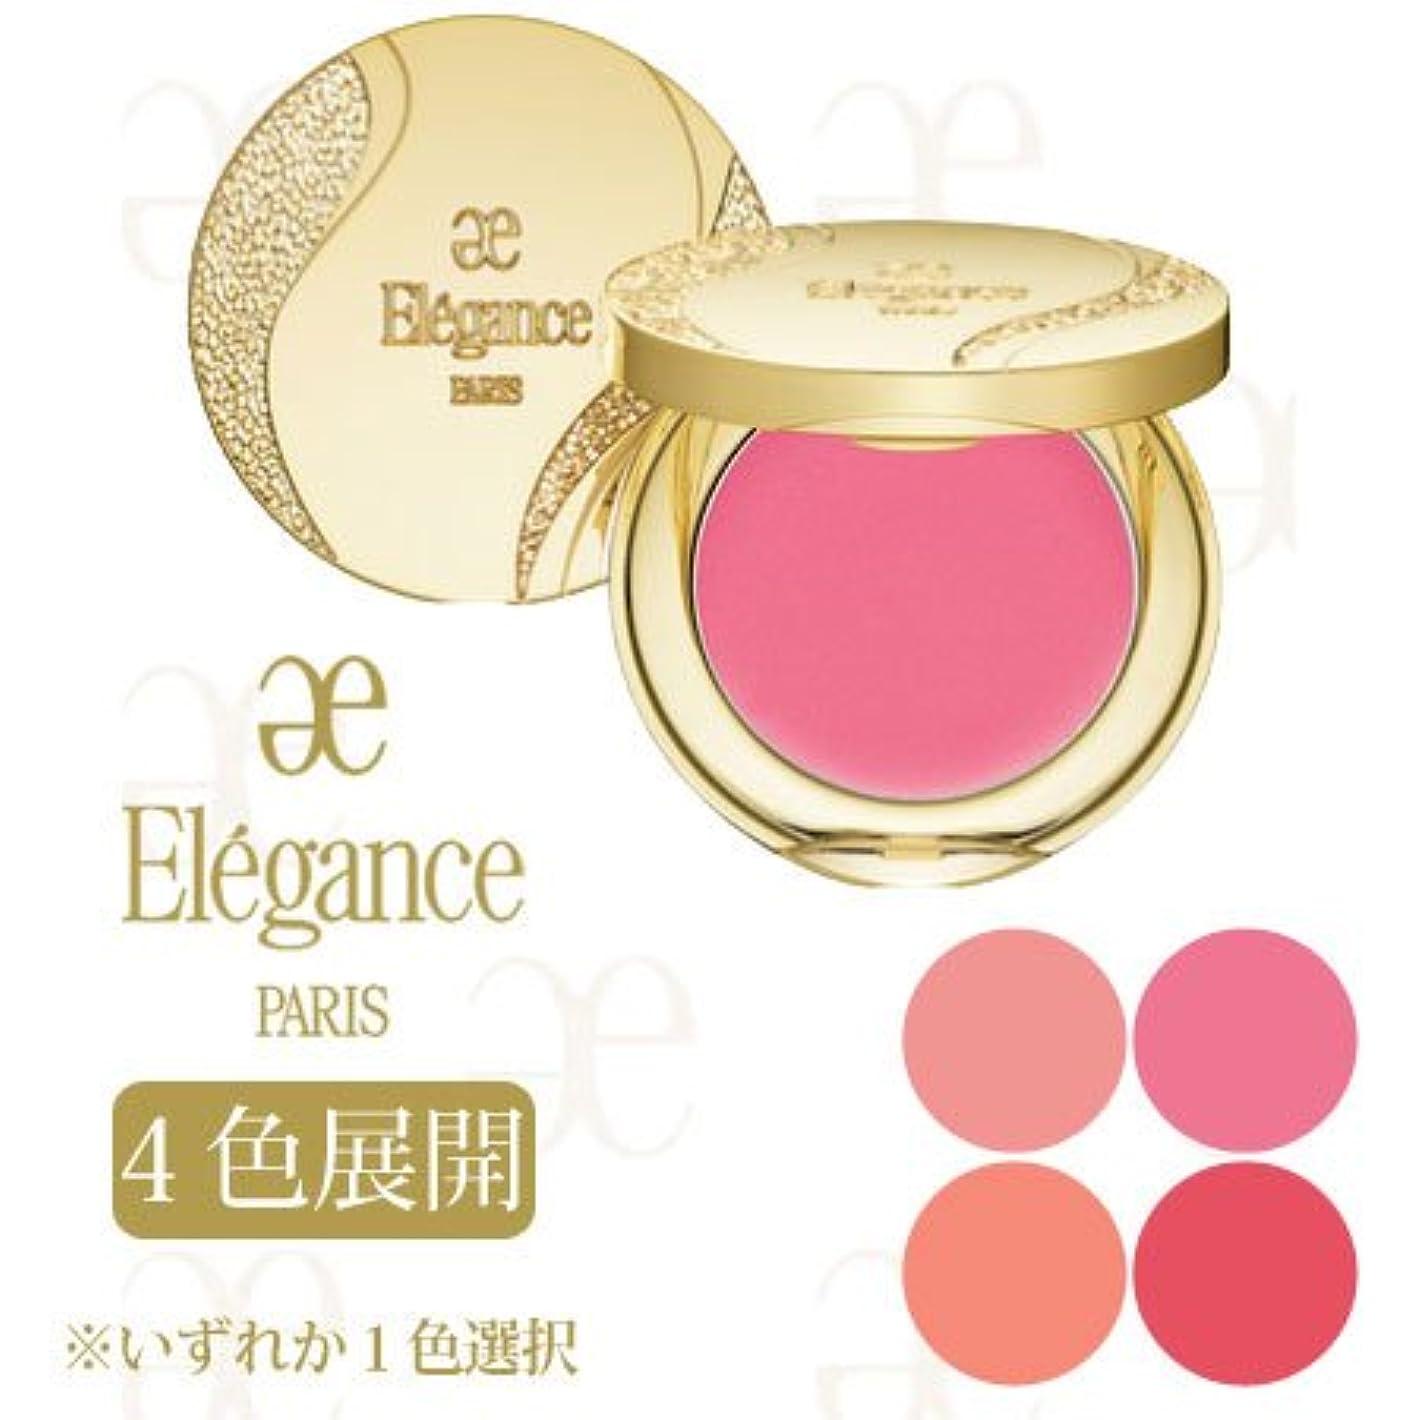 マナーラジウム好きエレガンス スリーク フェイス N (クリームチーク) 全4色展開 -ELEGANCE- PK101